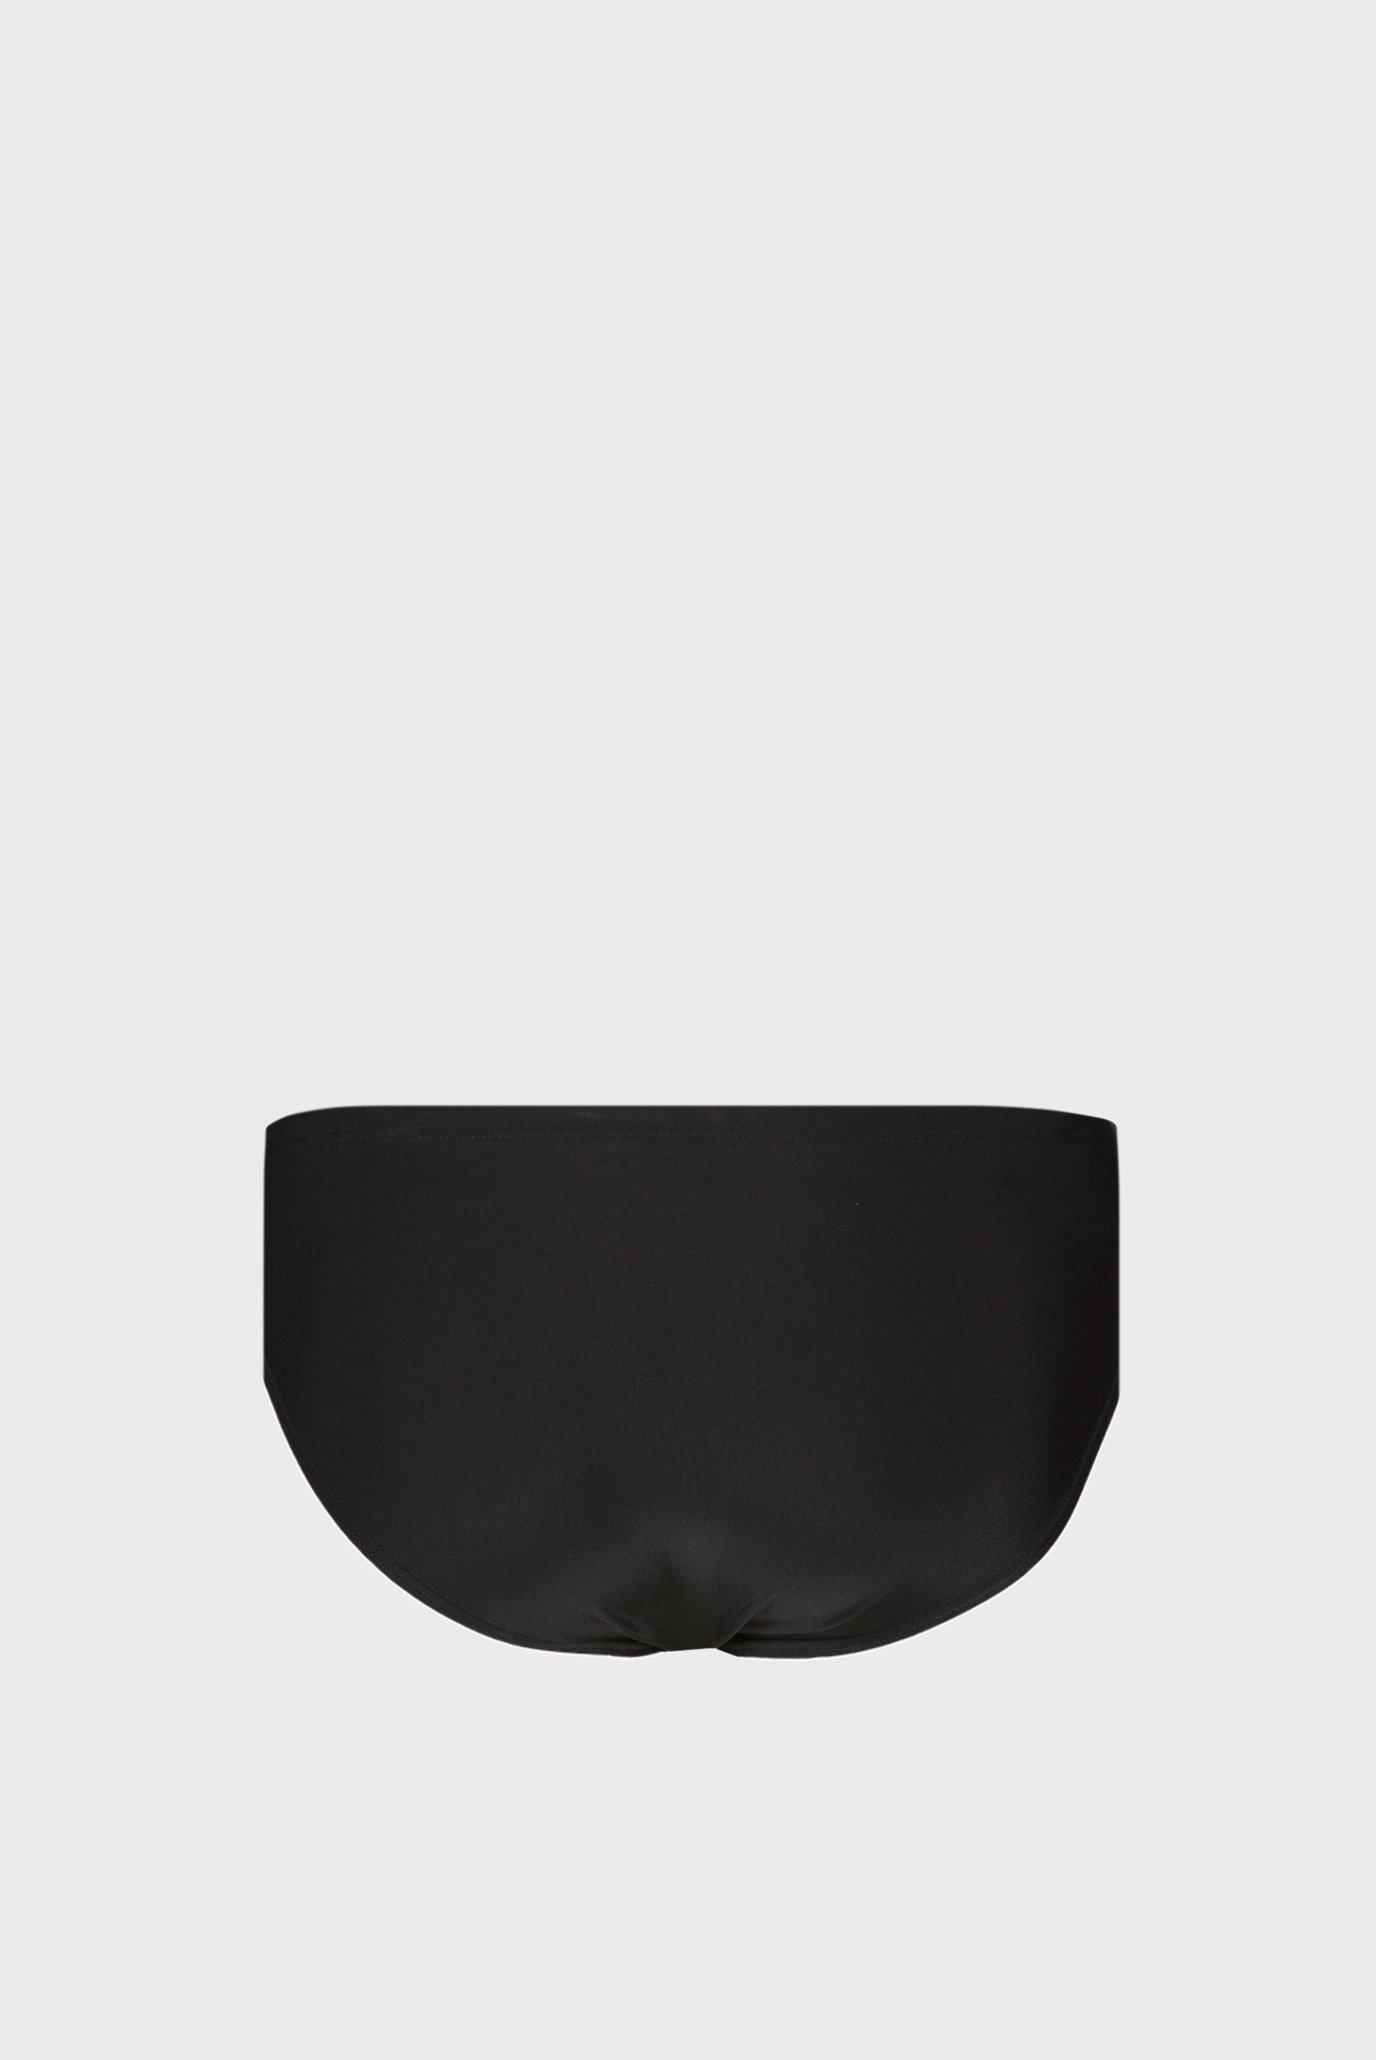 Купить Мужские черные плавки REN BRIEF Arena Arena 000992-508 – Киев, Украина. Цены в интернет магазине MD Fashion